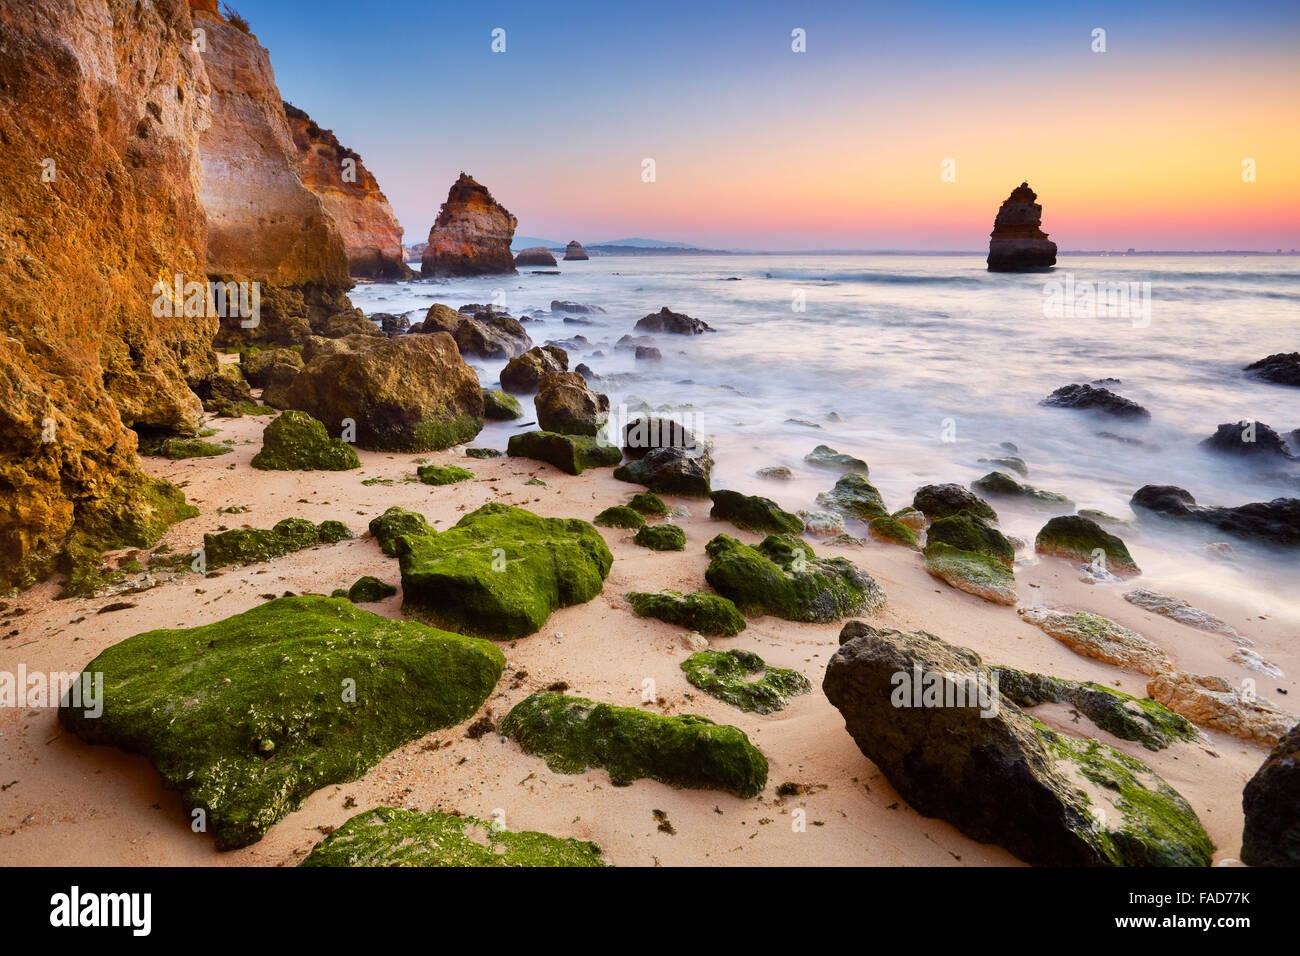 Côte de l'Algarve au lever du soleil près de Lagos, Algarve, Portugal Photo Stock